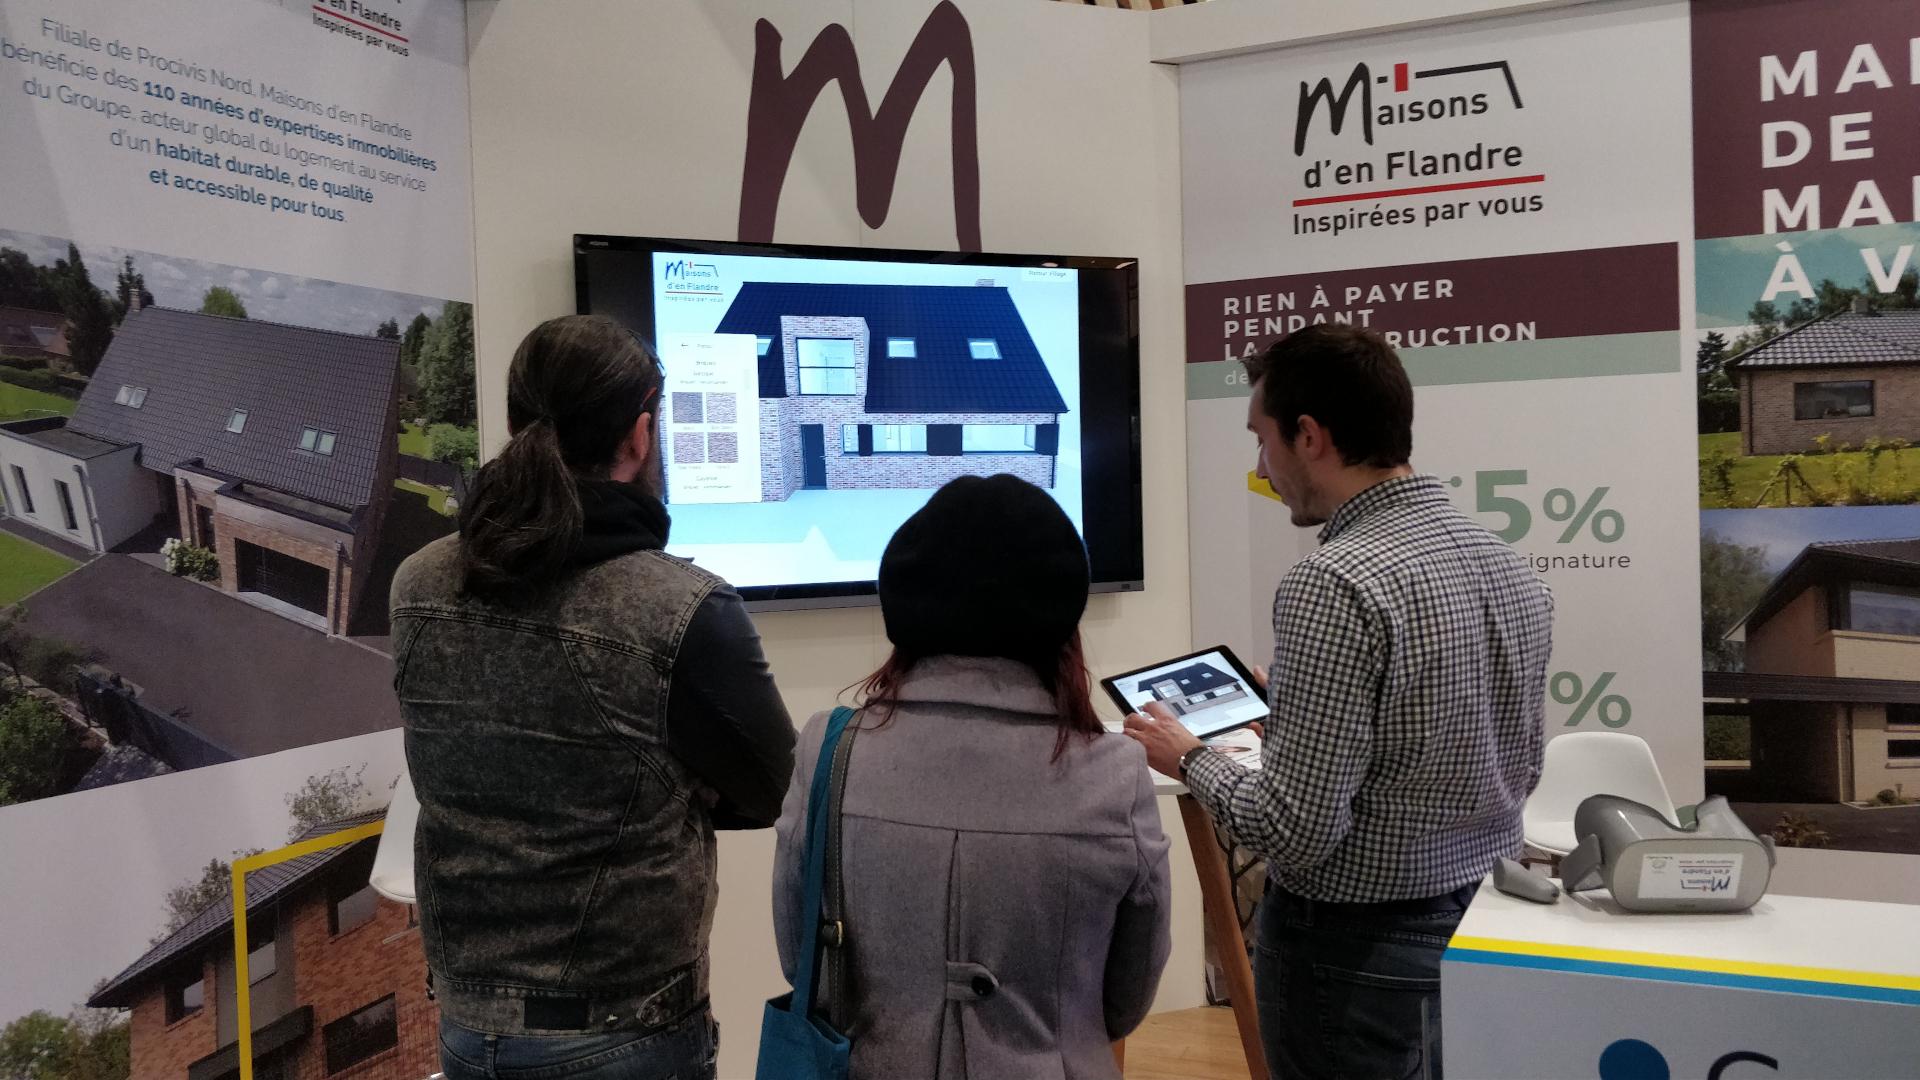 Photo de présentation de l'application Maisons d'en flandre en salon immobilier